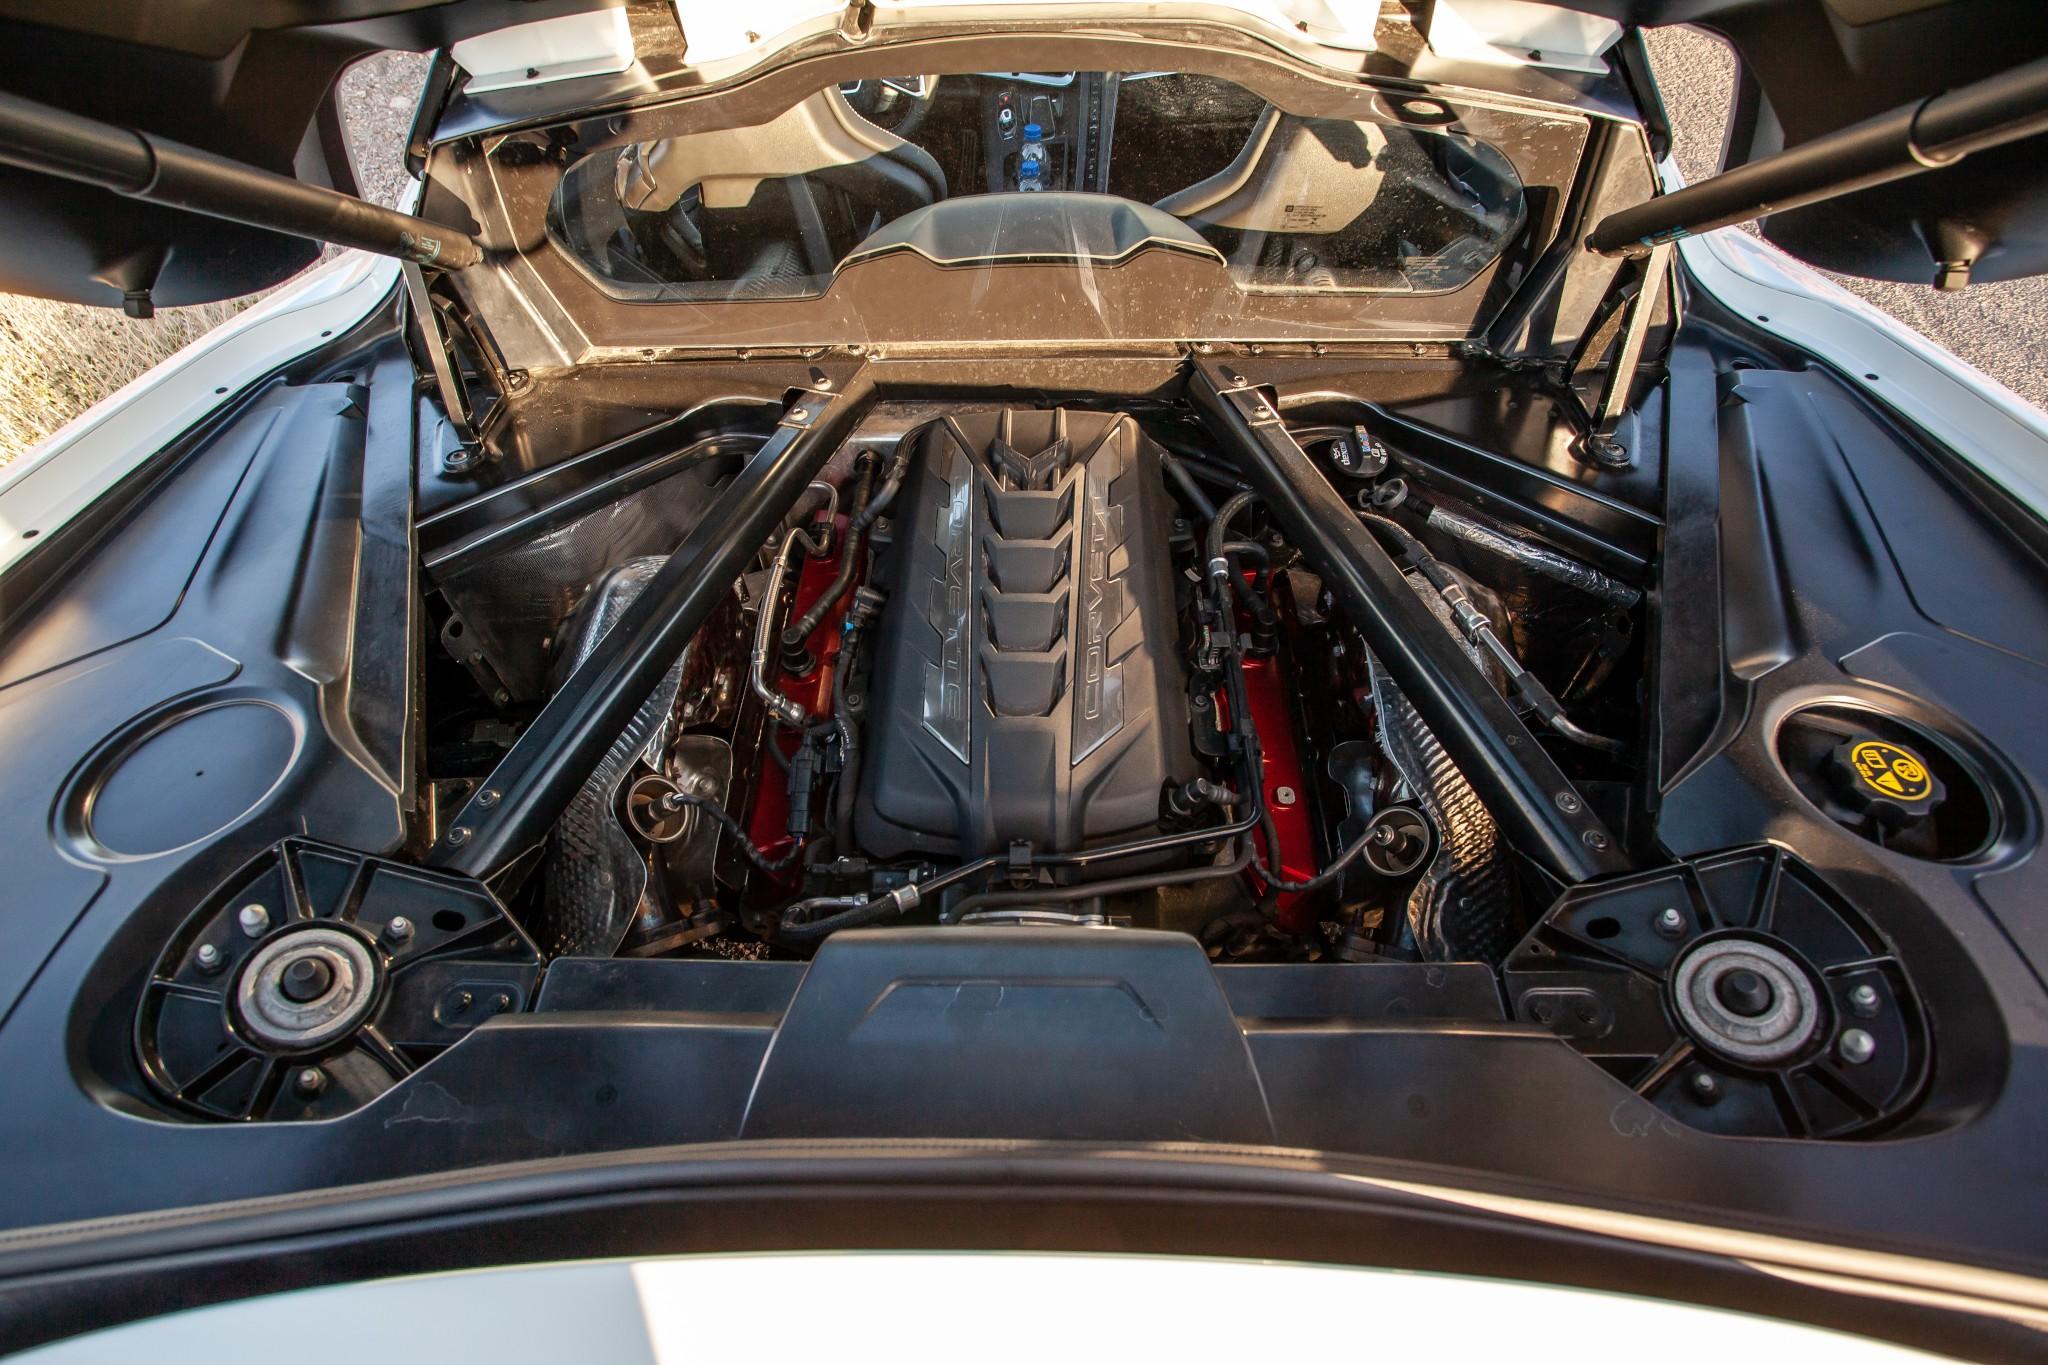 chevrolet-corvette-stingray-2020-10-exterior--rear-engine.jpg